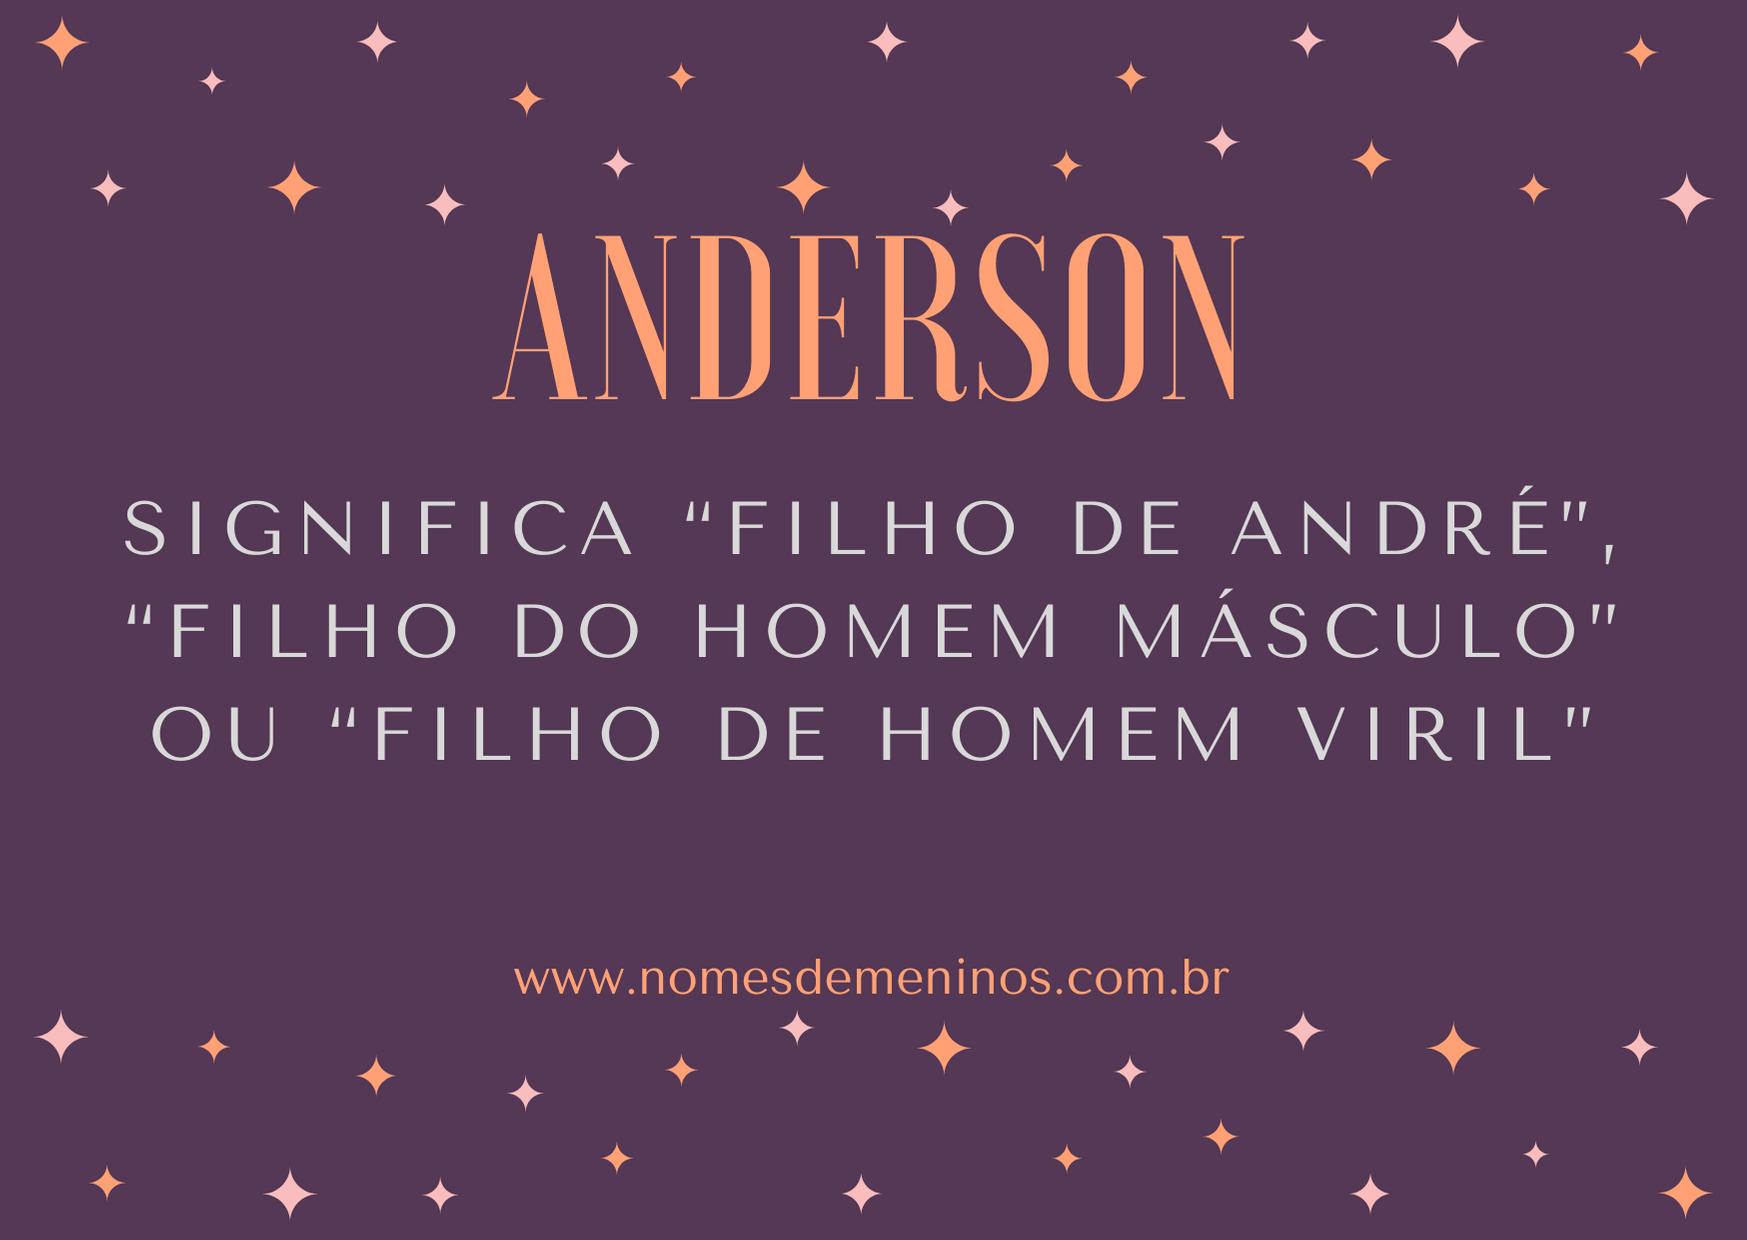 Anderson nome